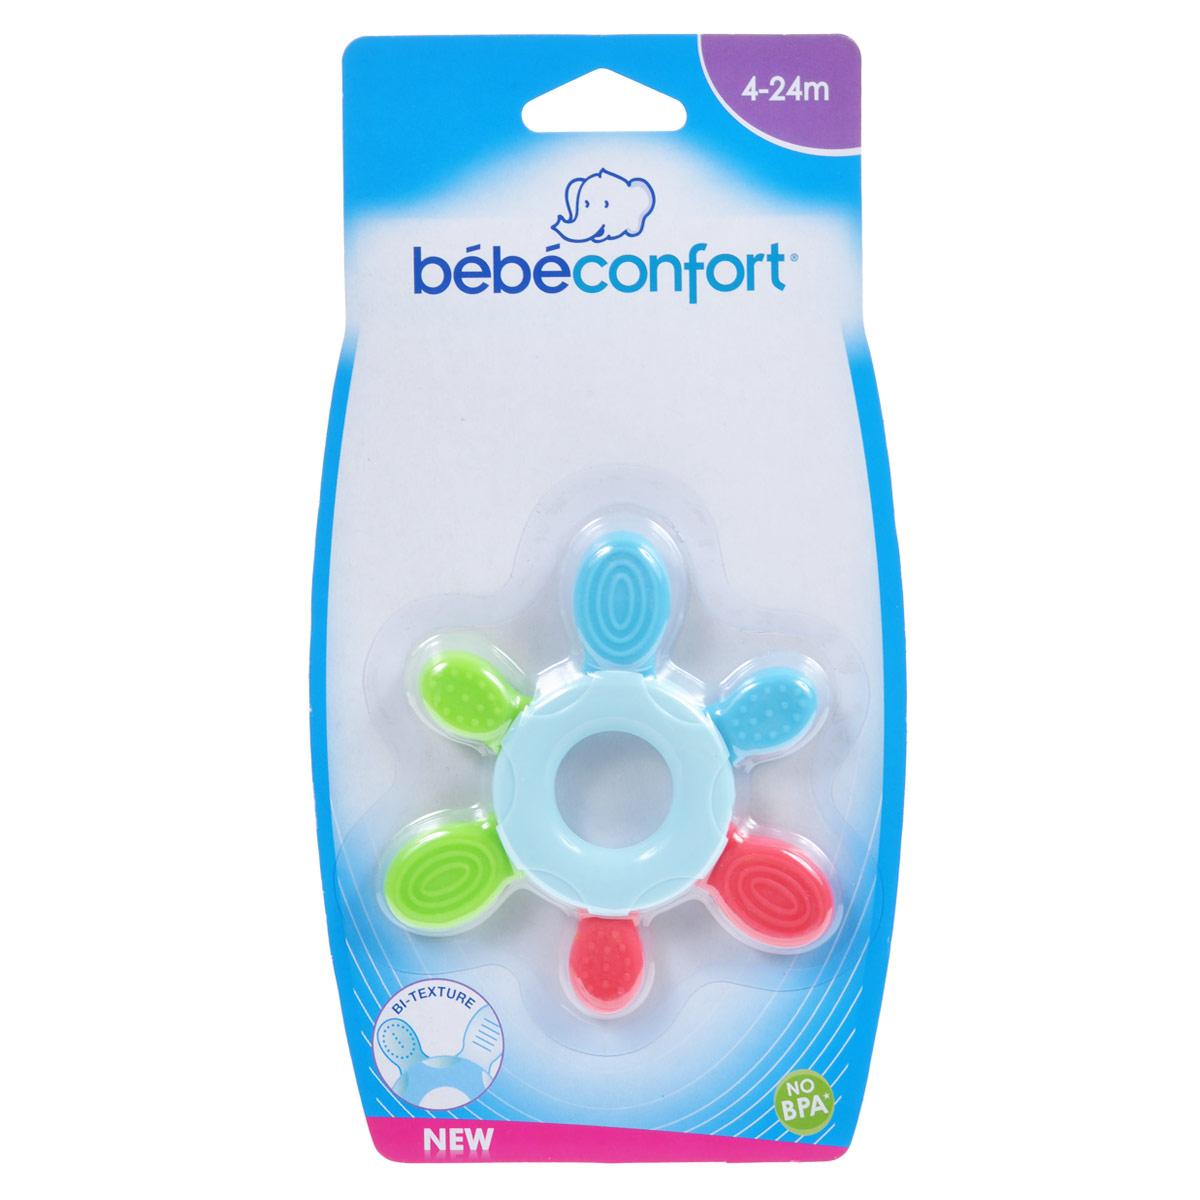 Прорезыватель Bebe Confort, от 4-24 мес